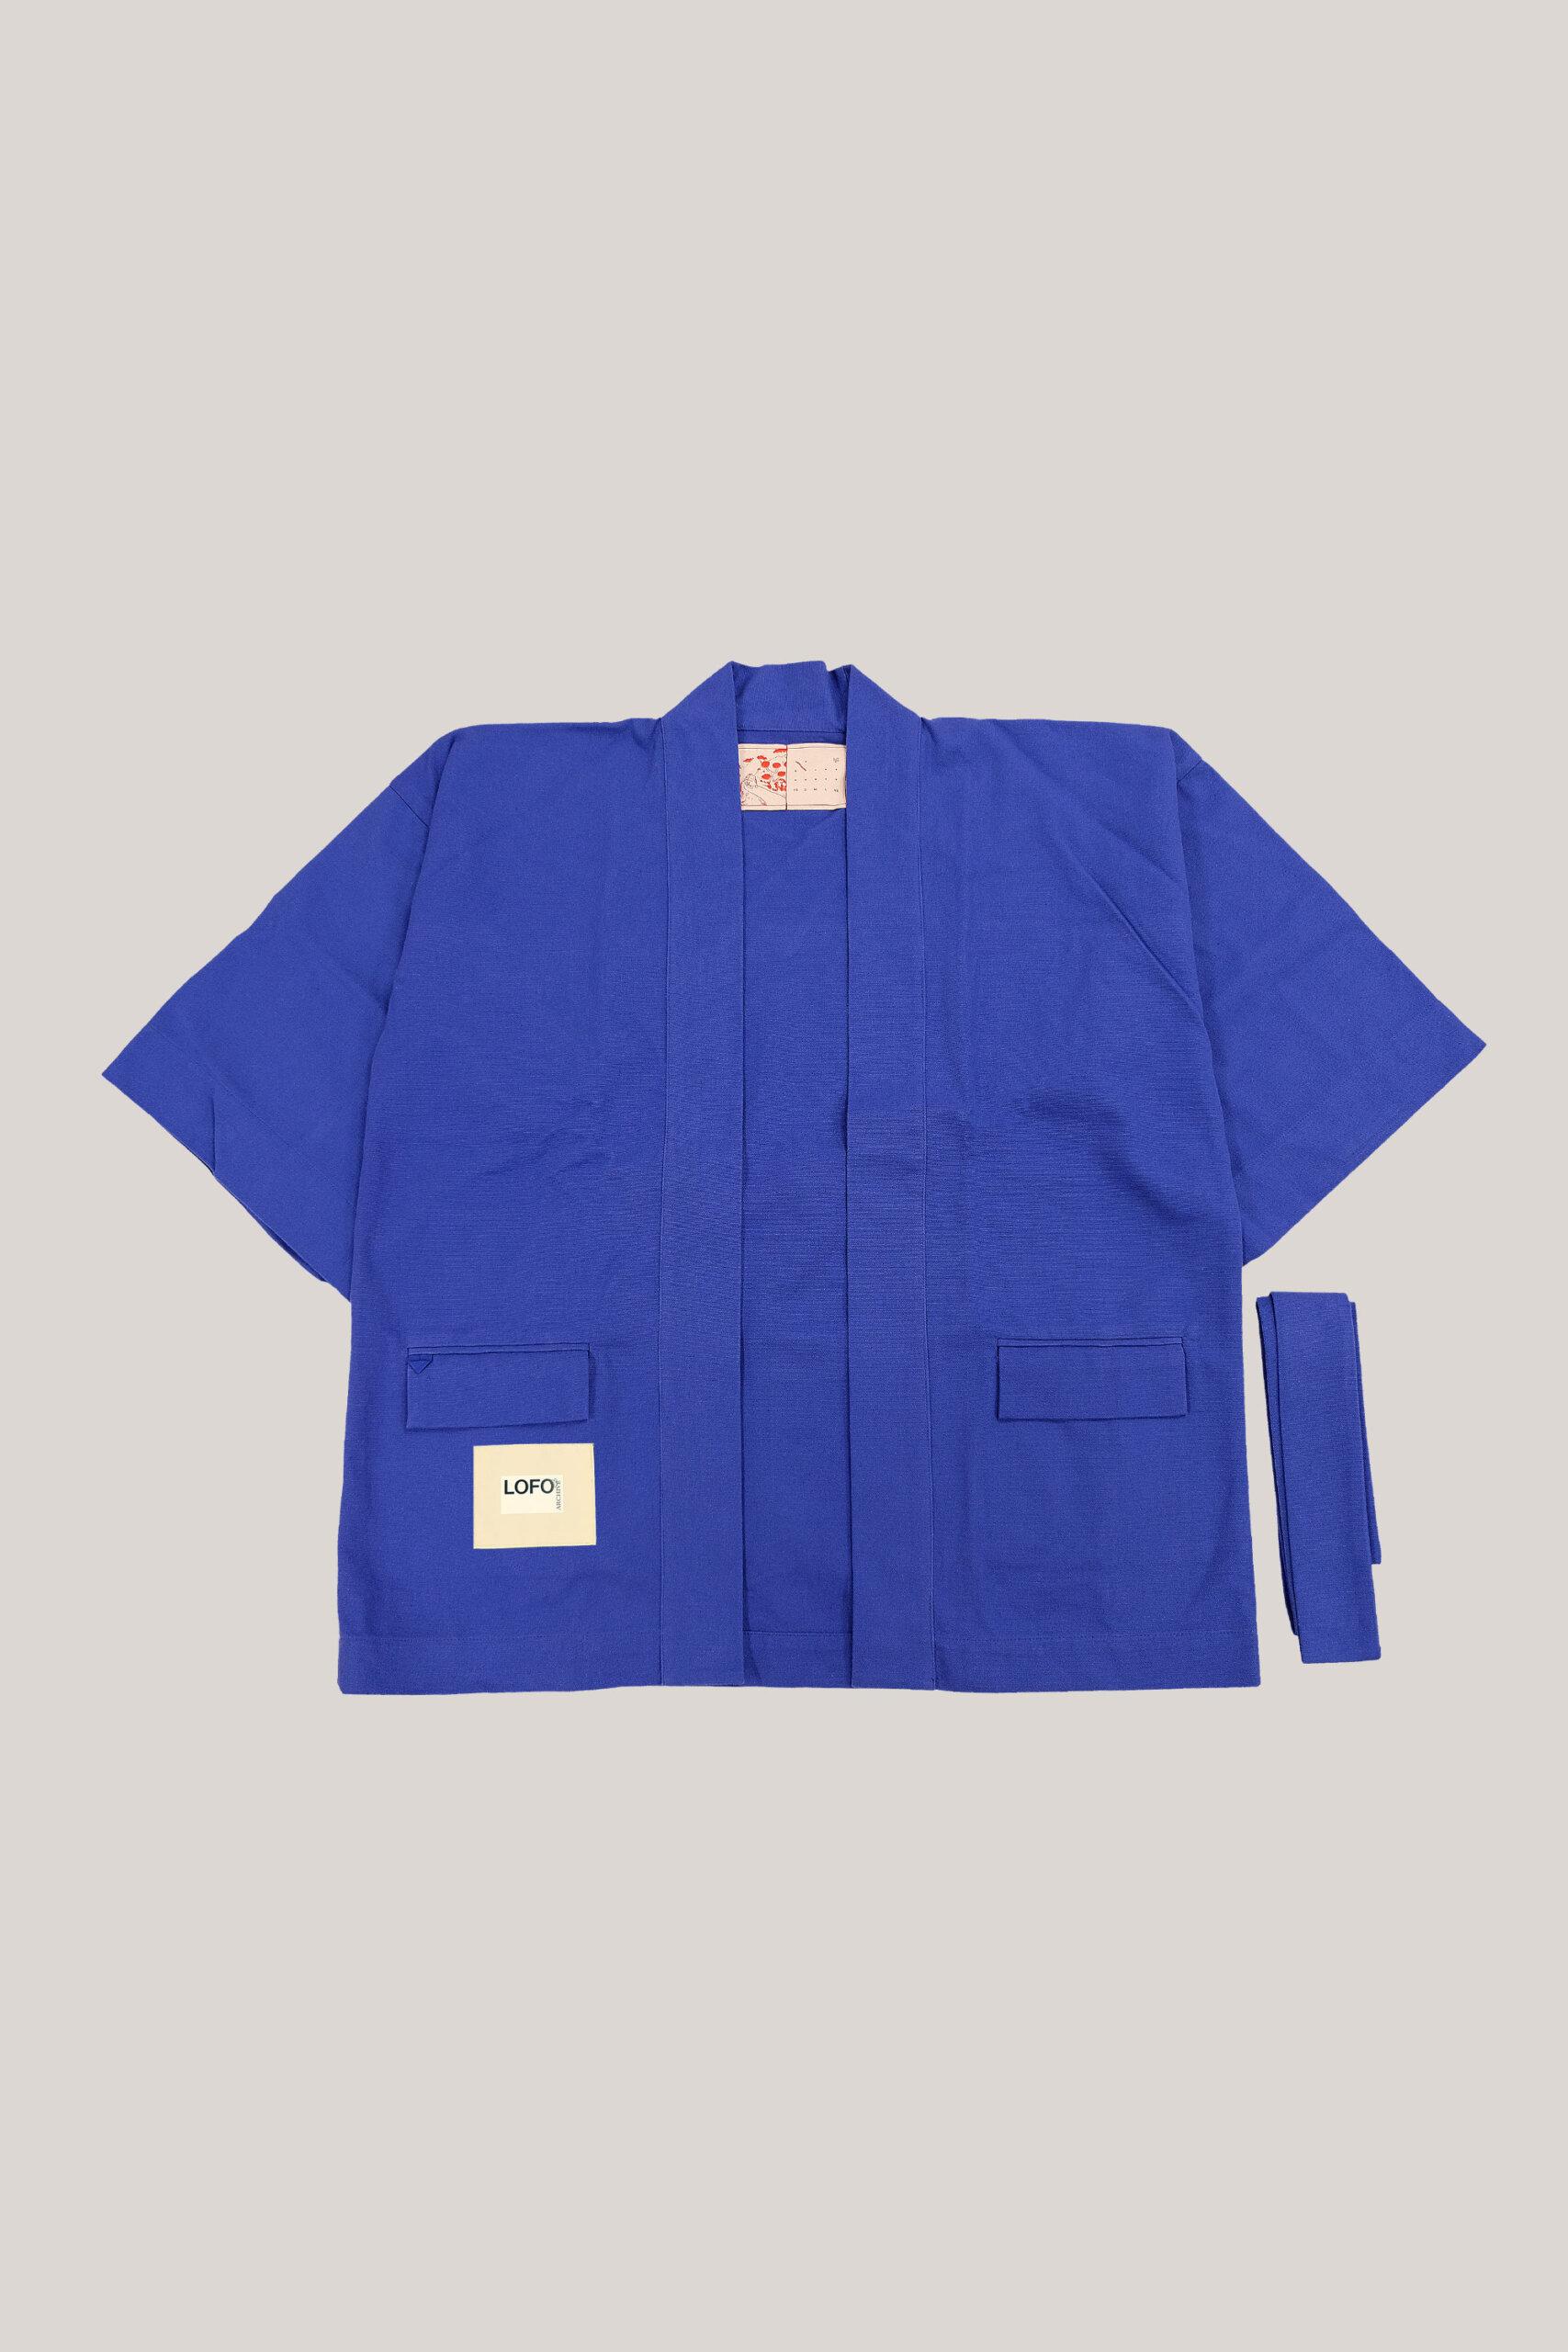 29-Haori-Blue-1